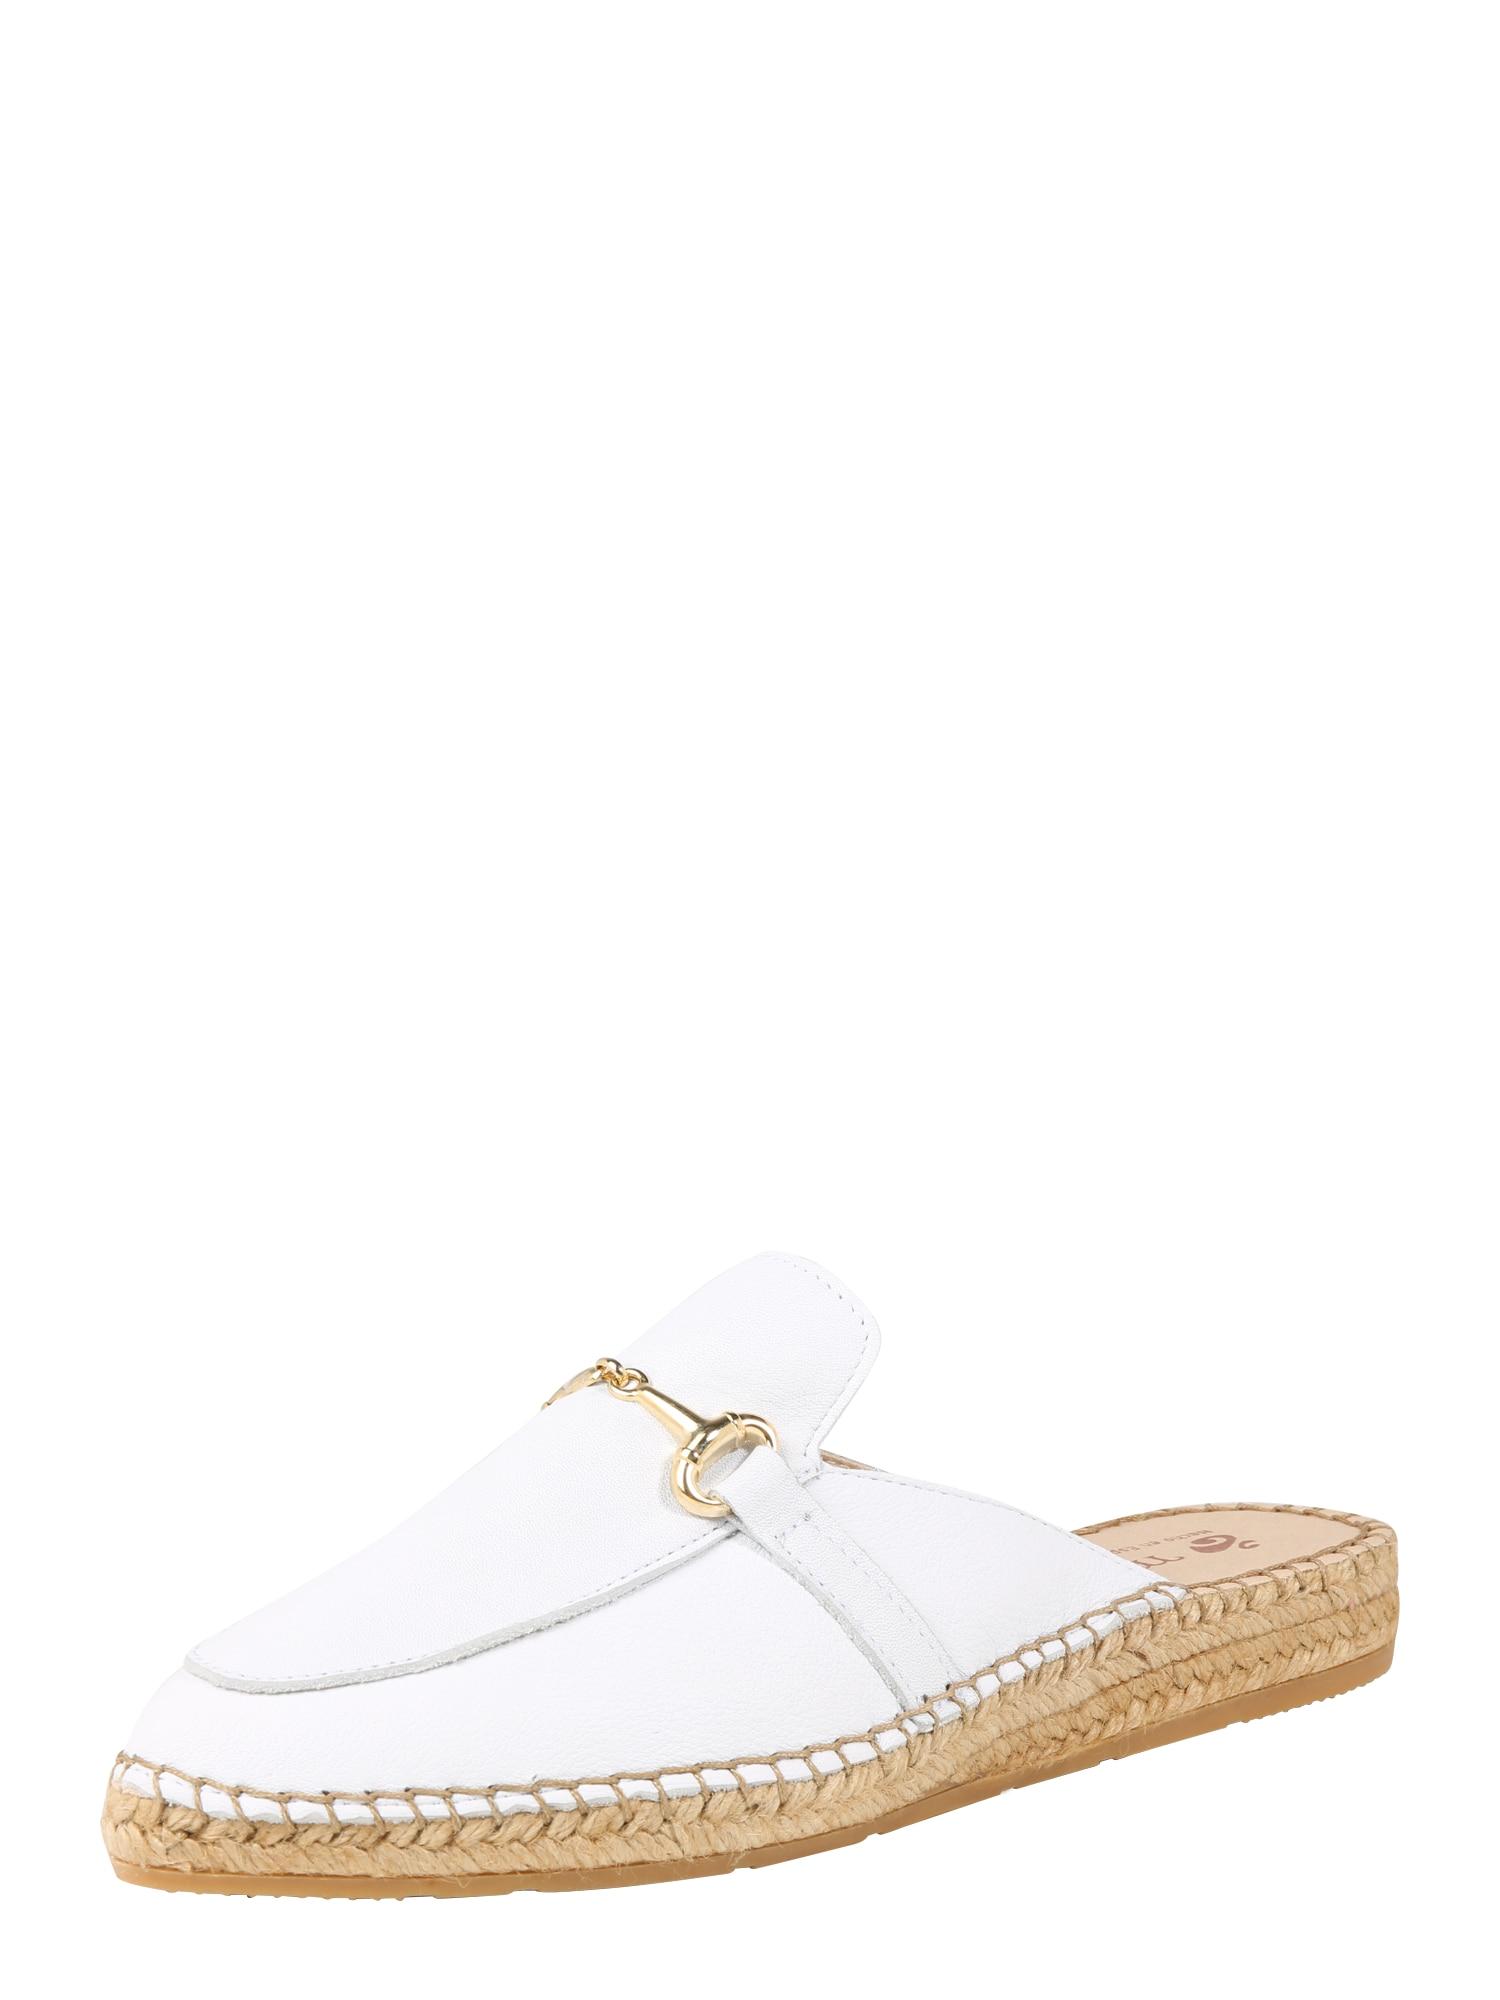 Pantofle IMA6 béžová bílá MACARENA